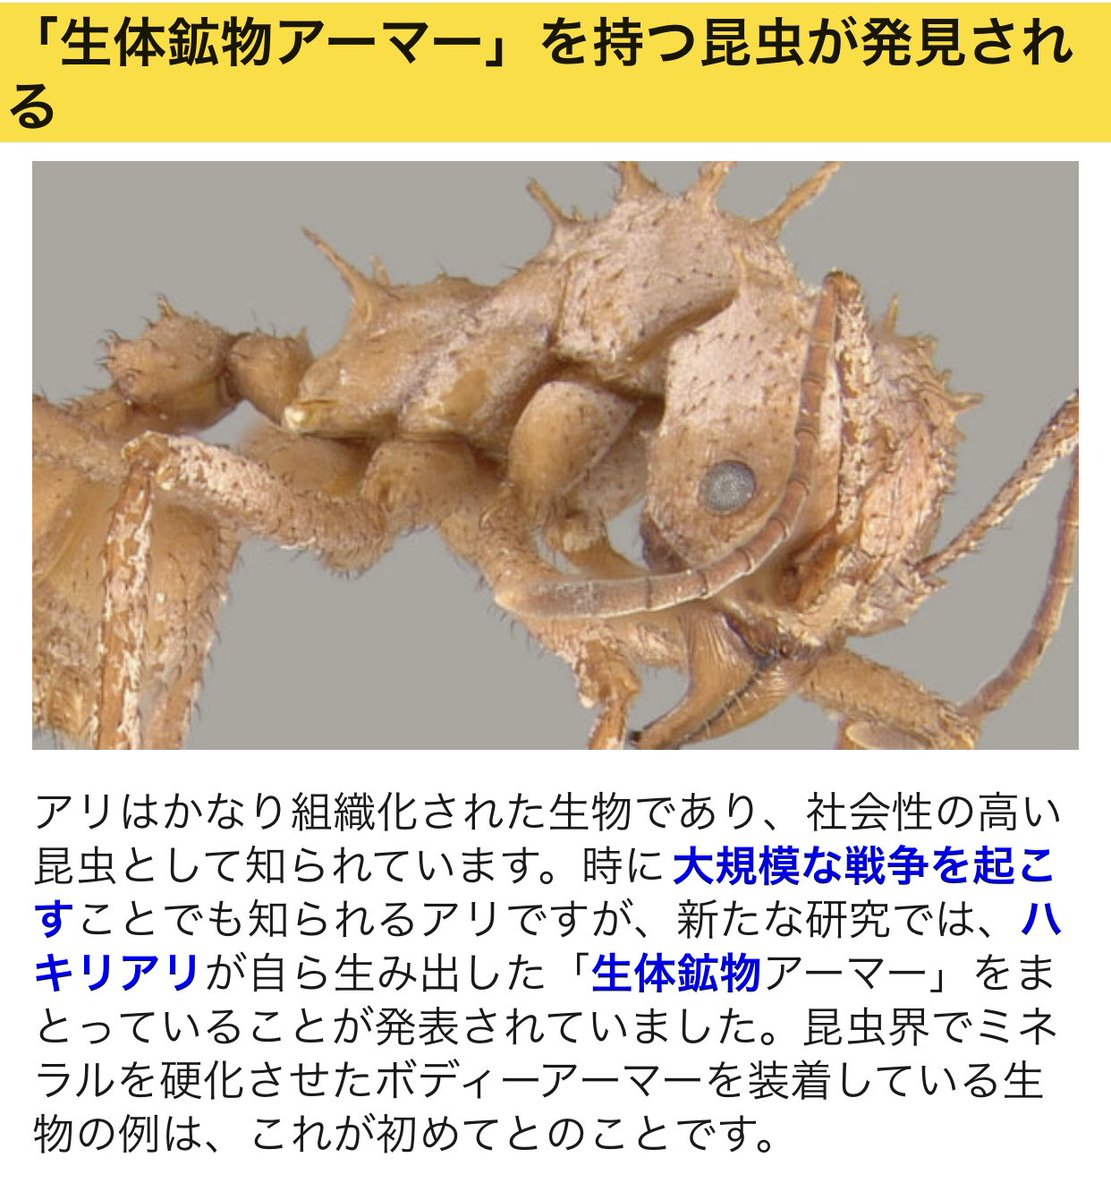 生体鉱物アーマーとかめちゃくちゃカッコ良すぎるパワーワードのアリ